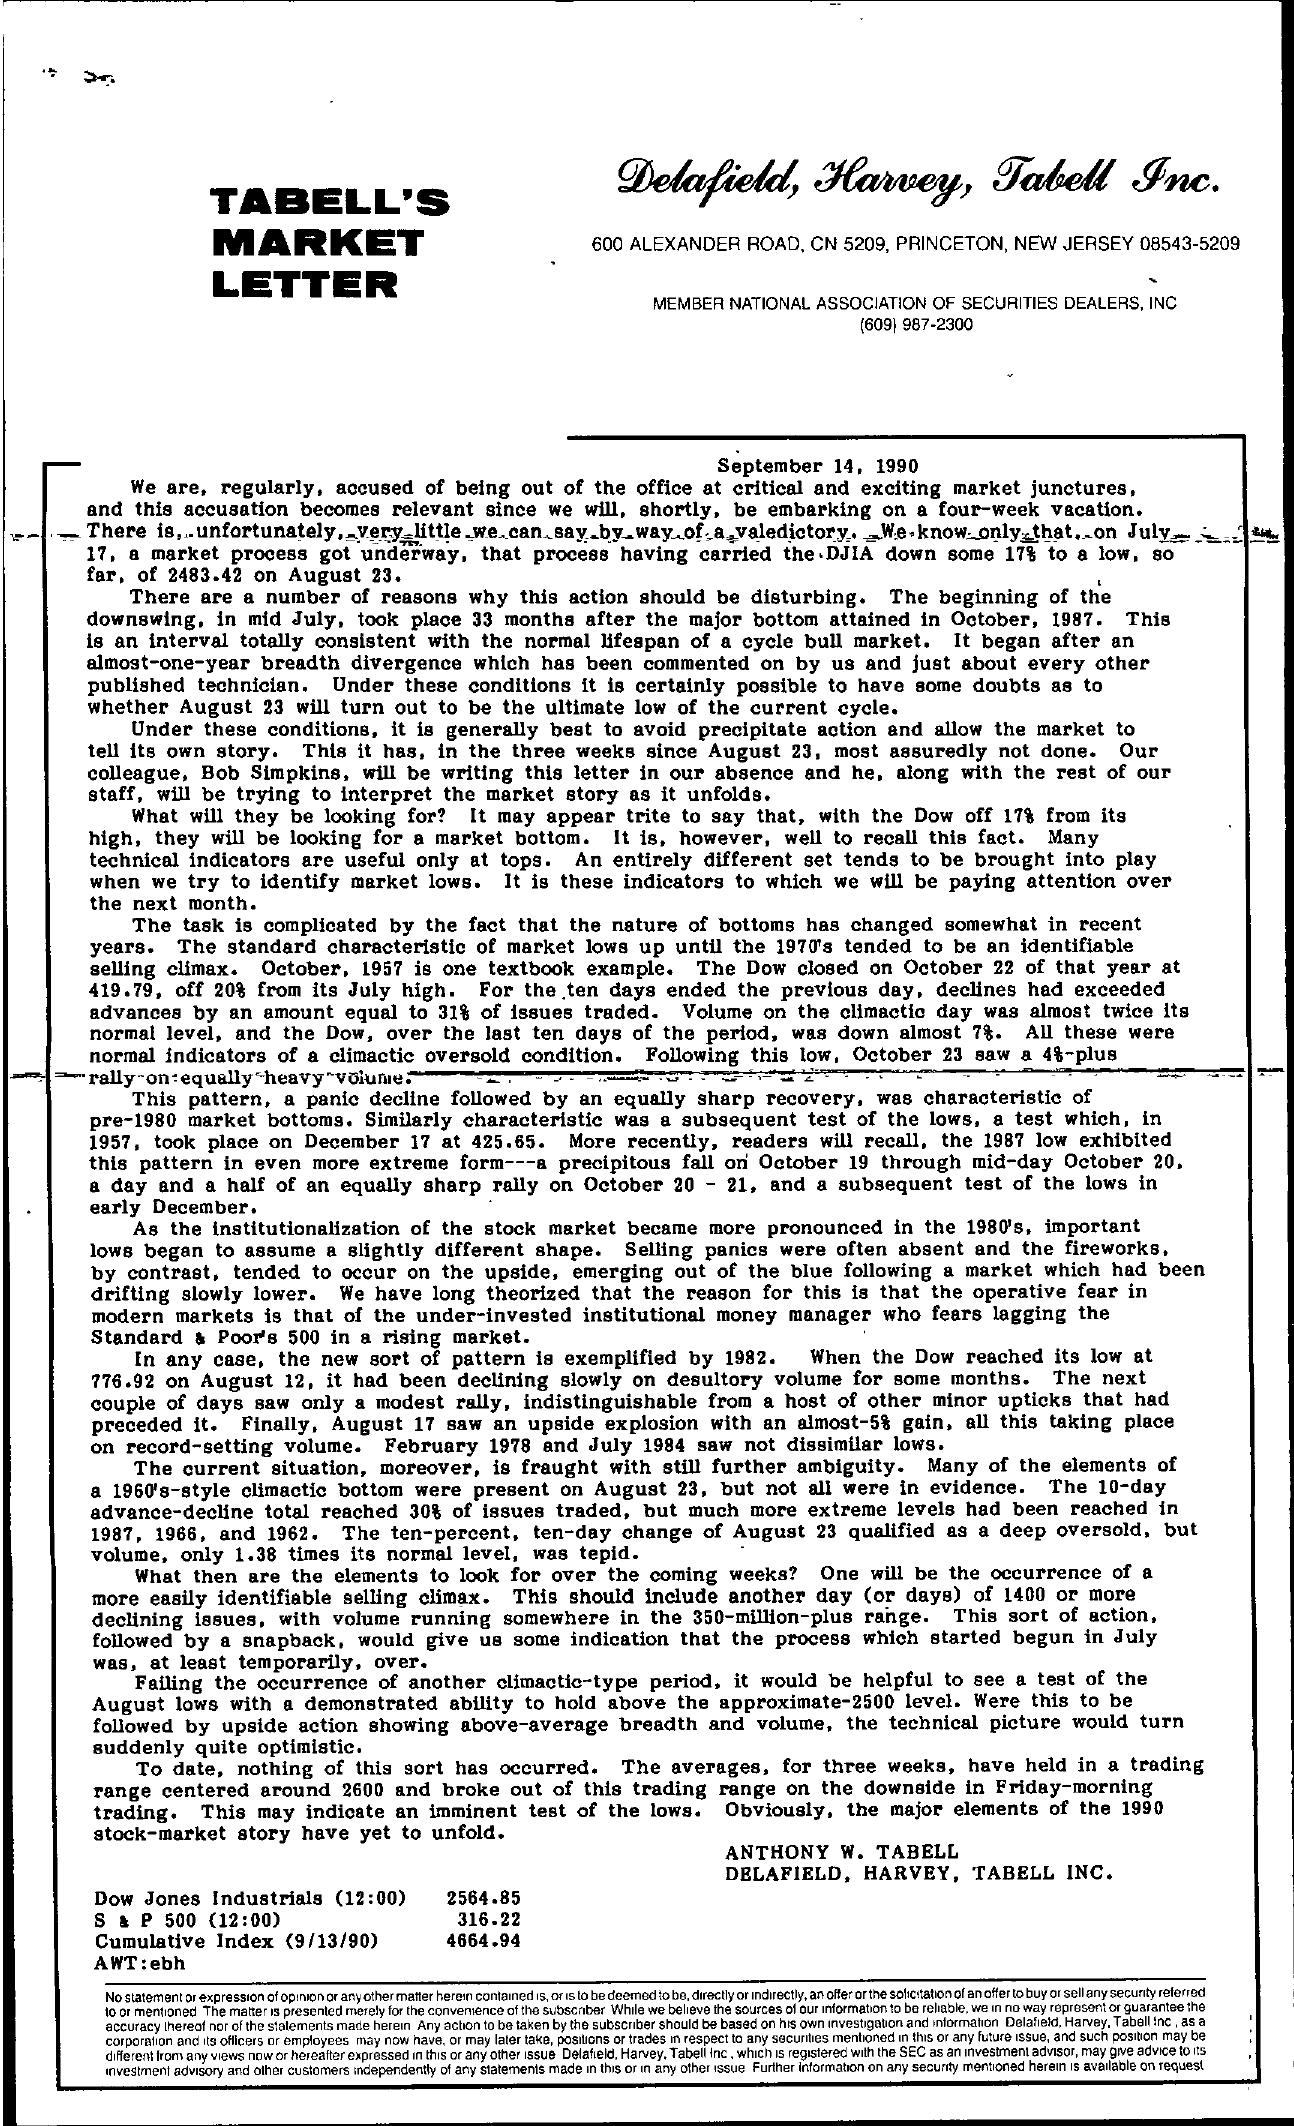 Tabell's Market Letter - September 14, 1990